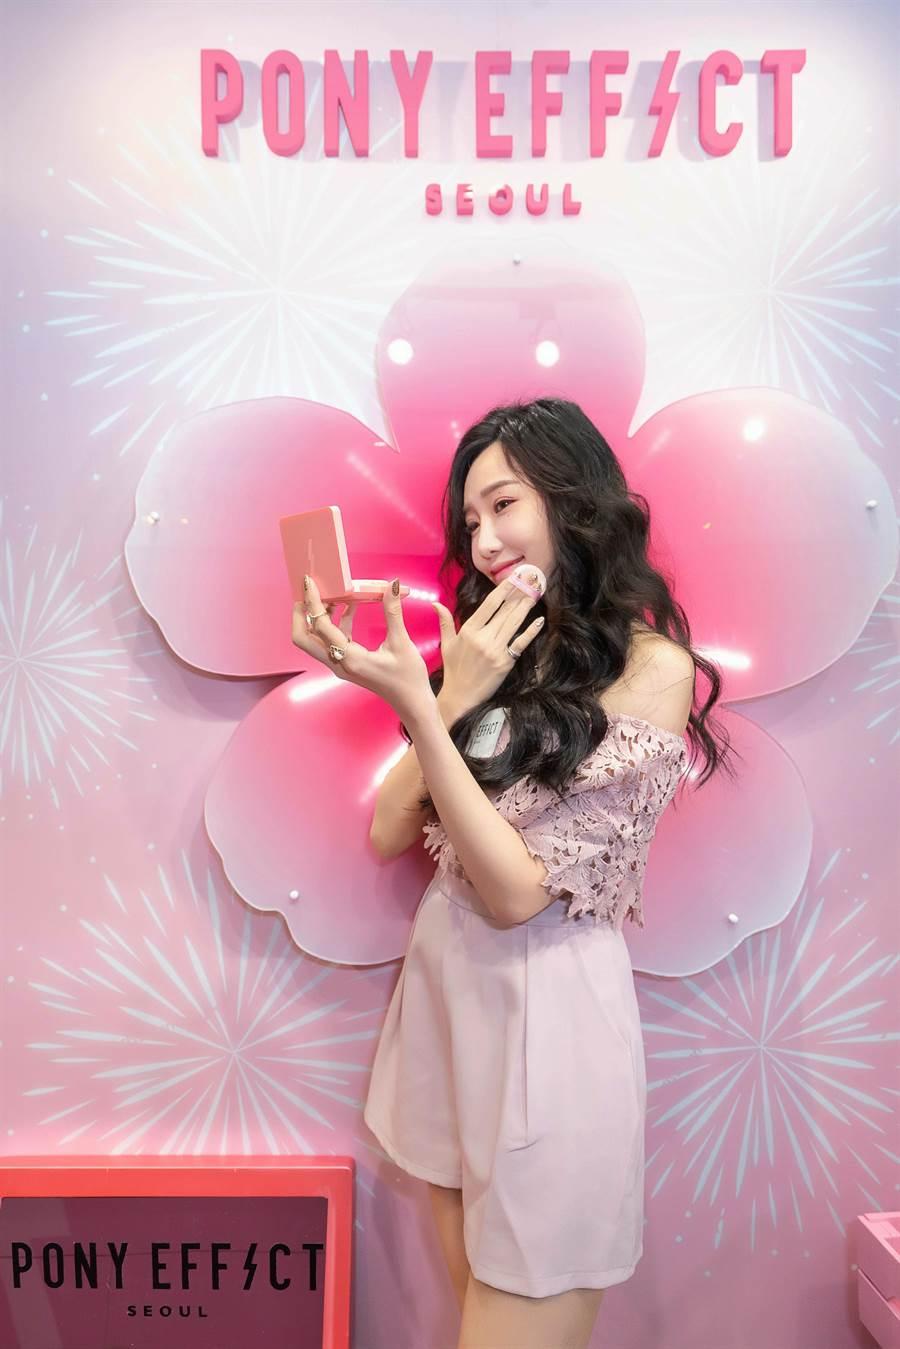 活動大使許允樂化身韓國梨花妹,示範最走心韓系「梨花妝」。(圖/品牌提供)